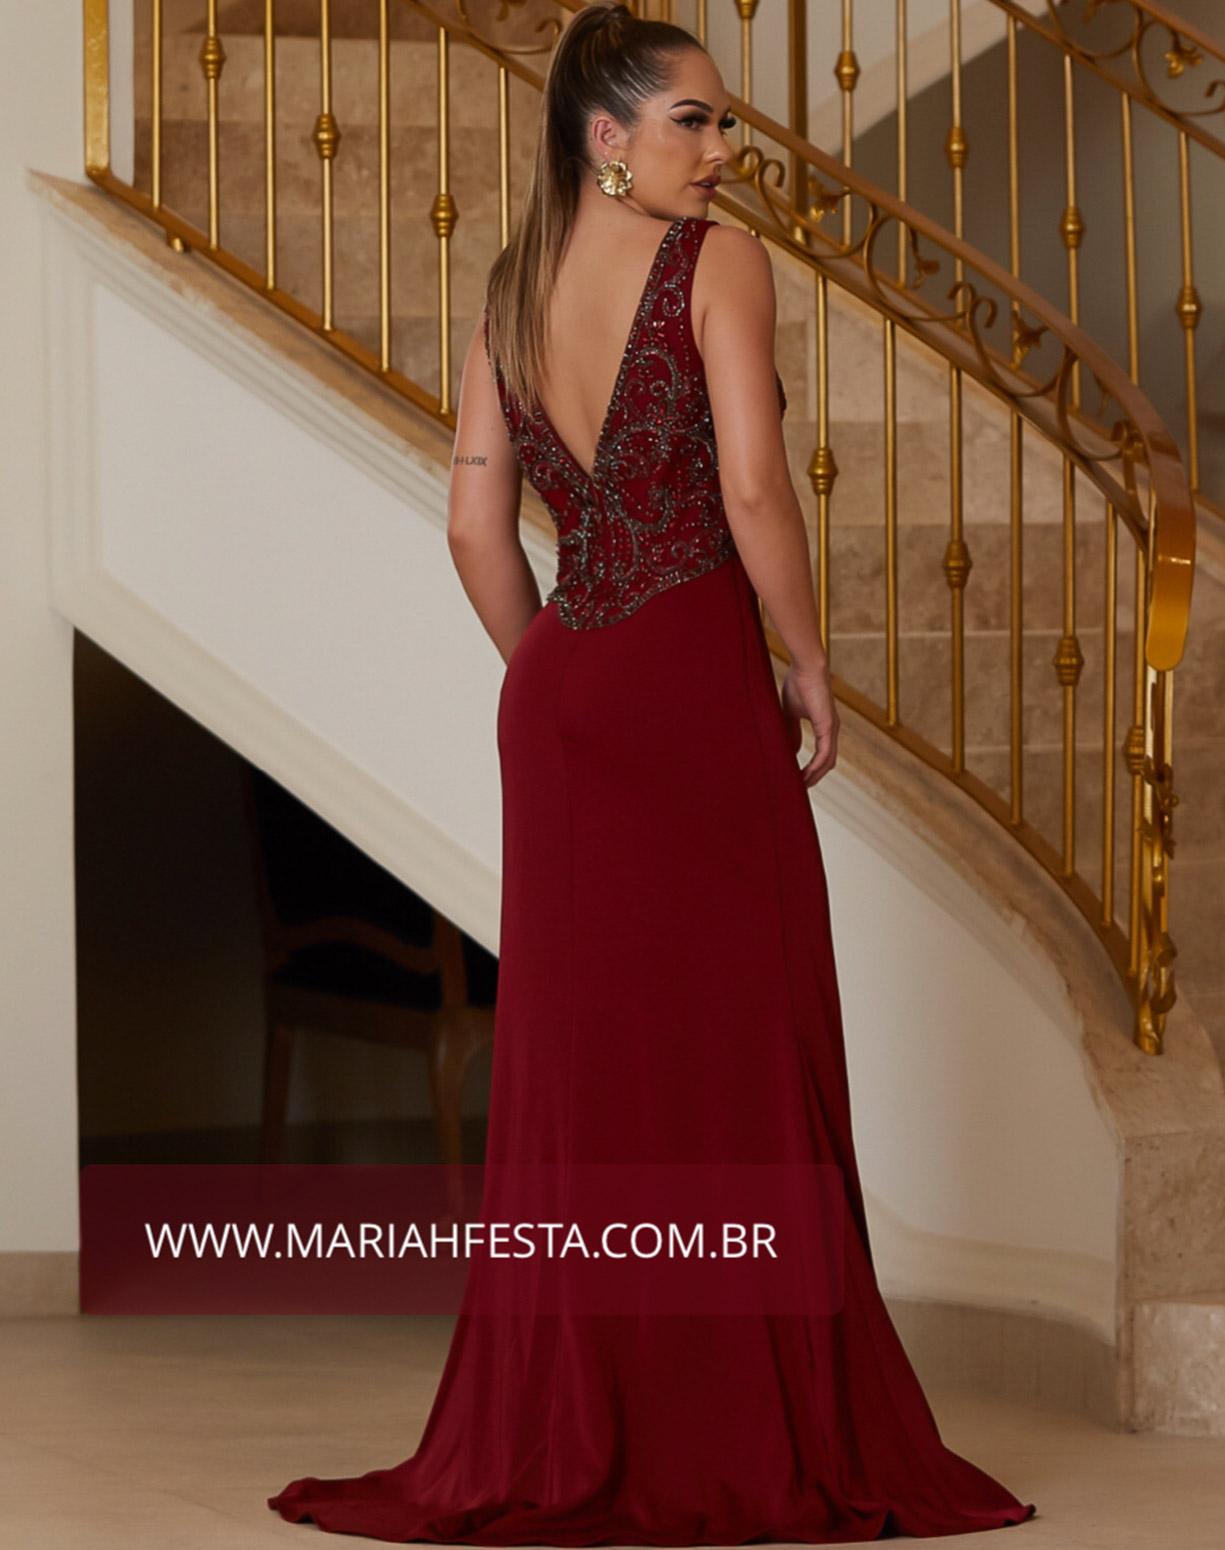 Vestido Marsala Sereia com o Corpo Bordado